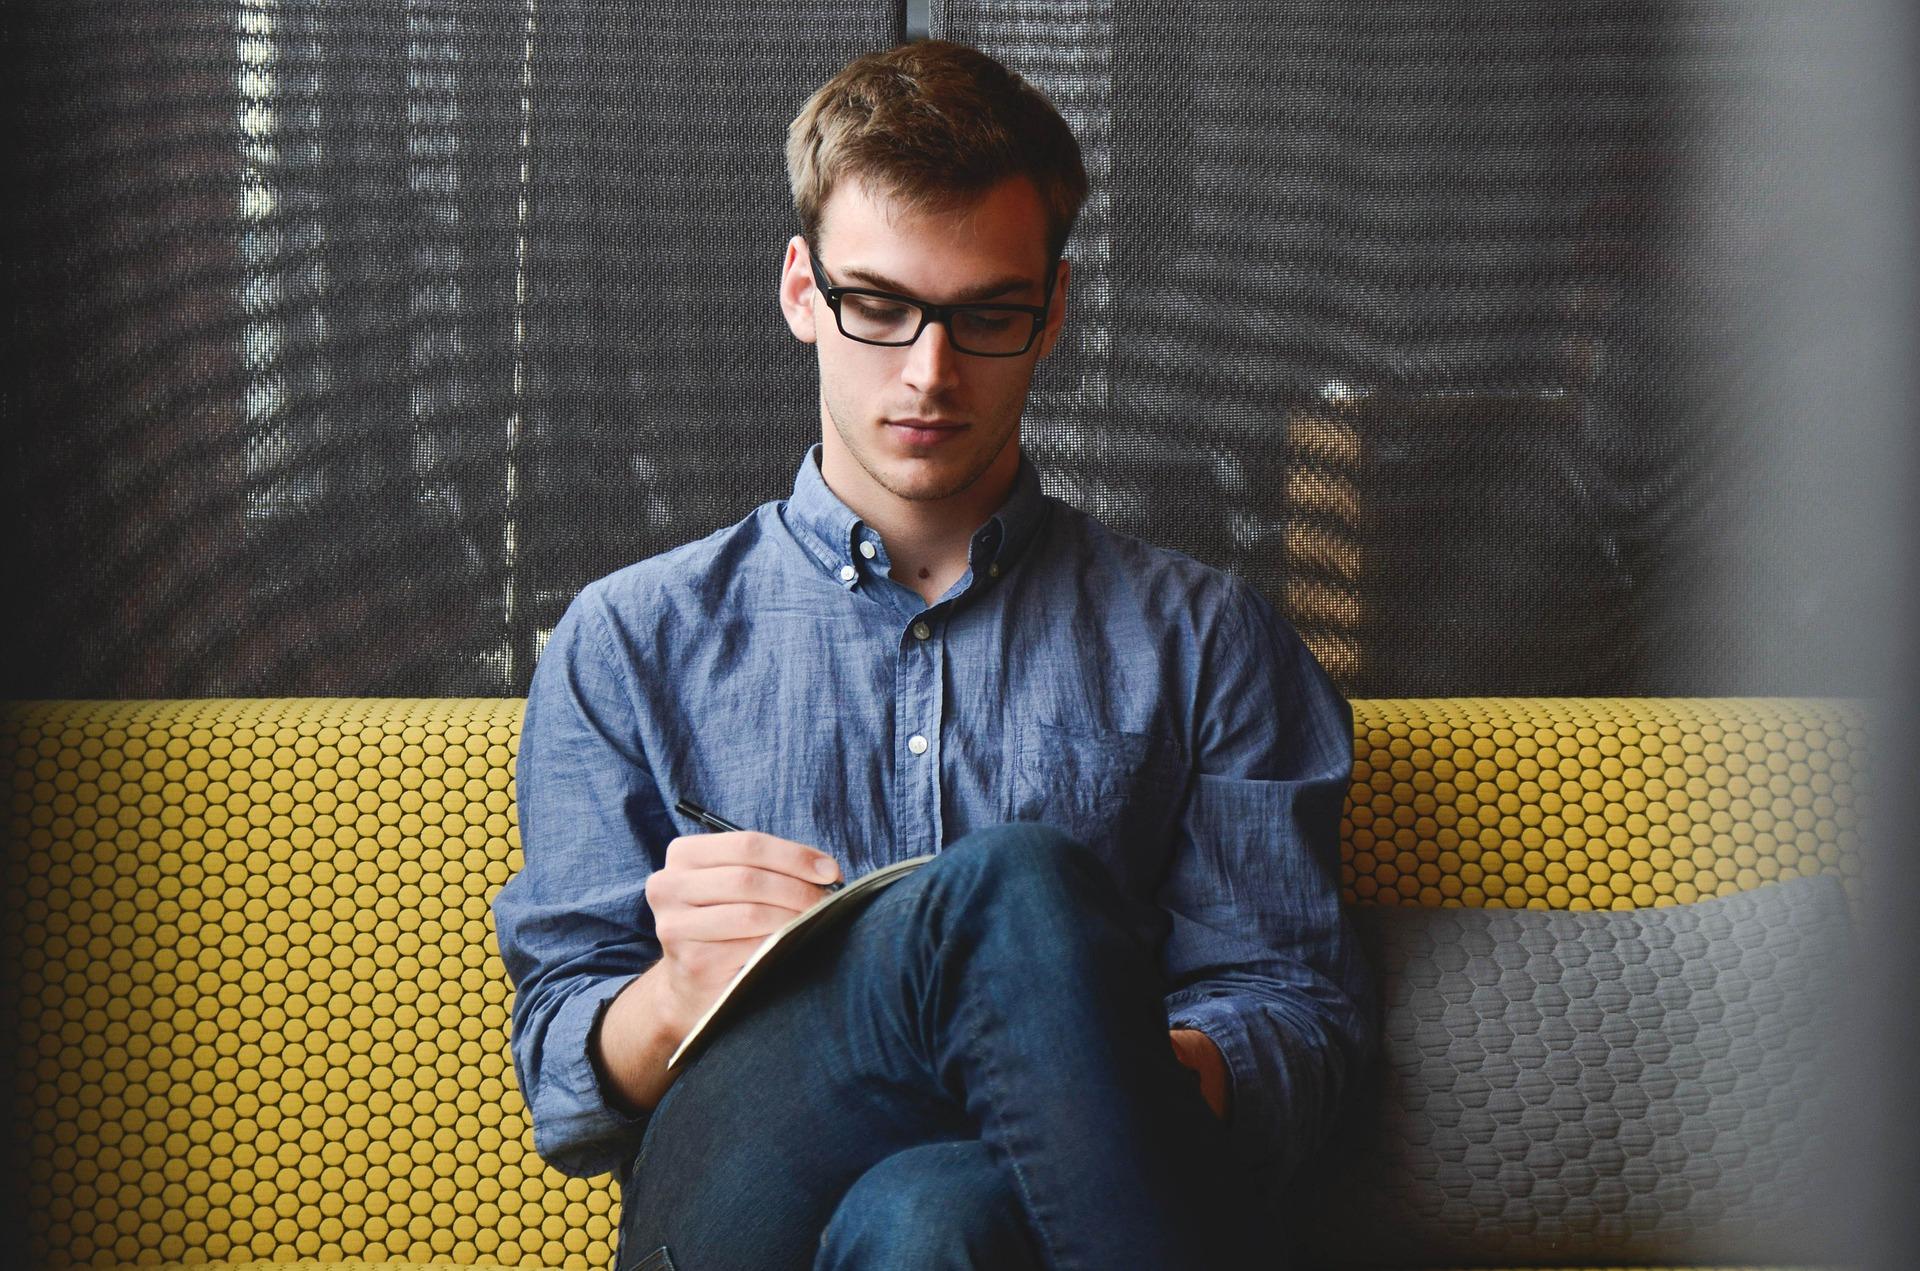 Gli intrapreneur sono dipendenti dal mindset imprenditoriale.